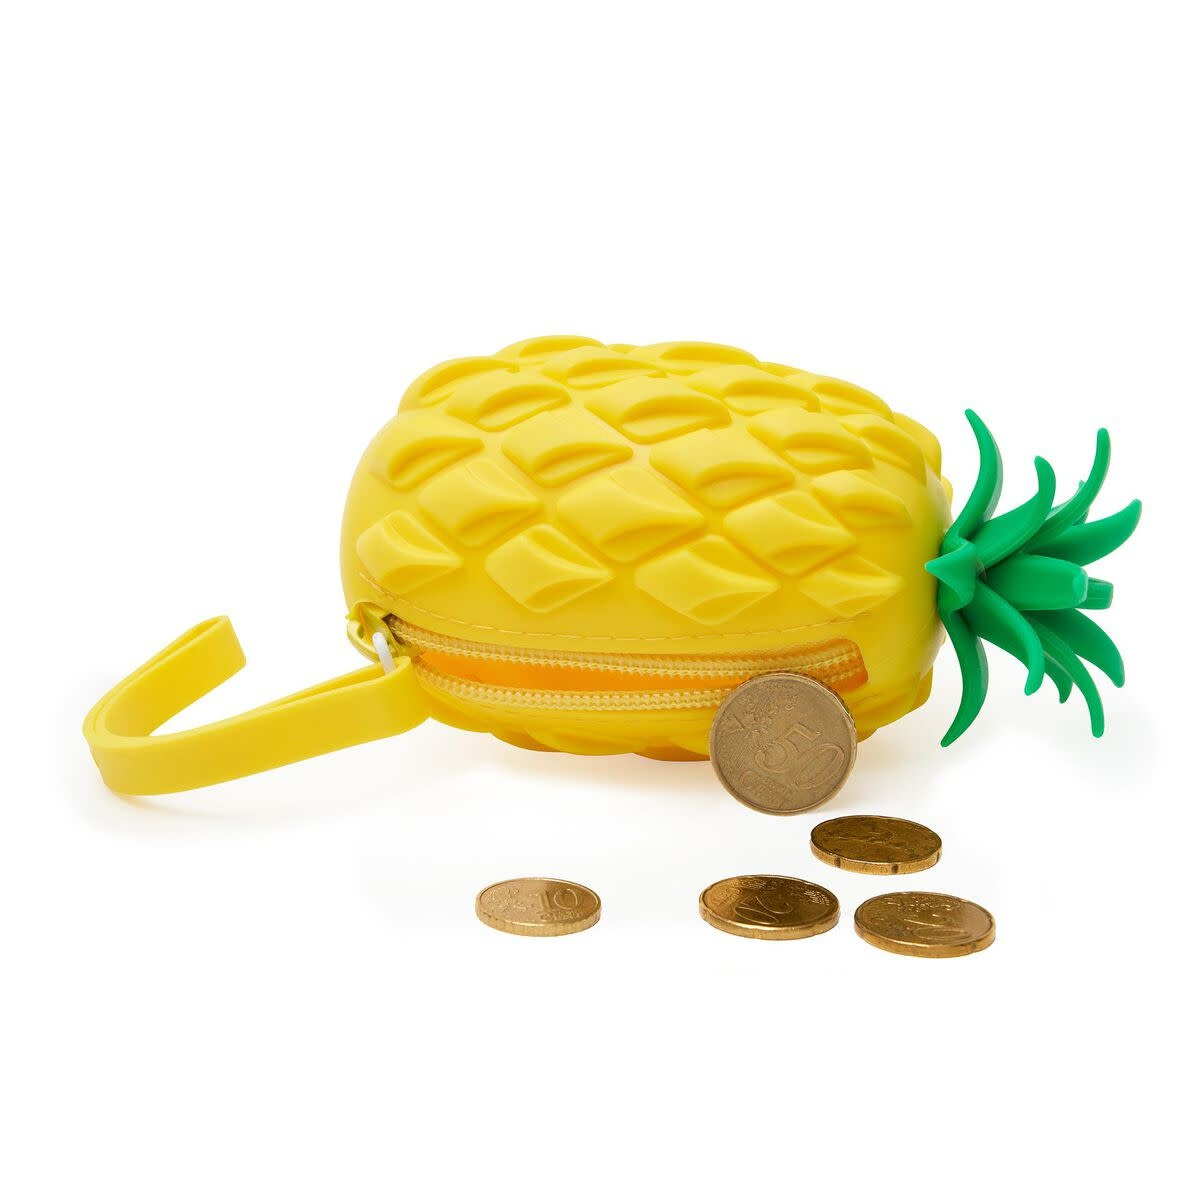 Legami Sillicone purse - Pineapple